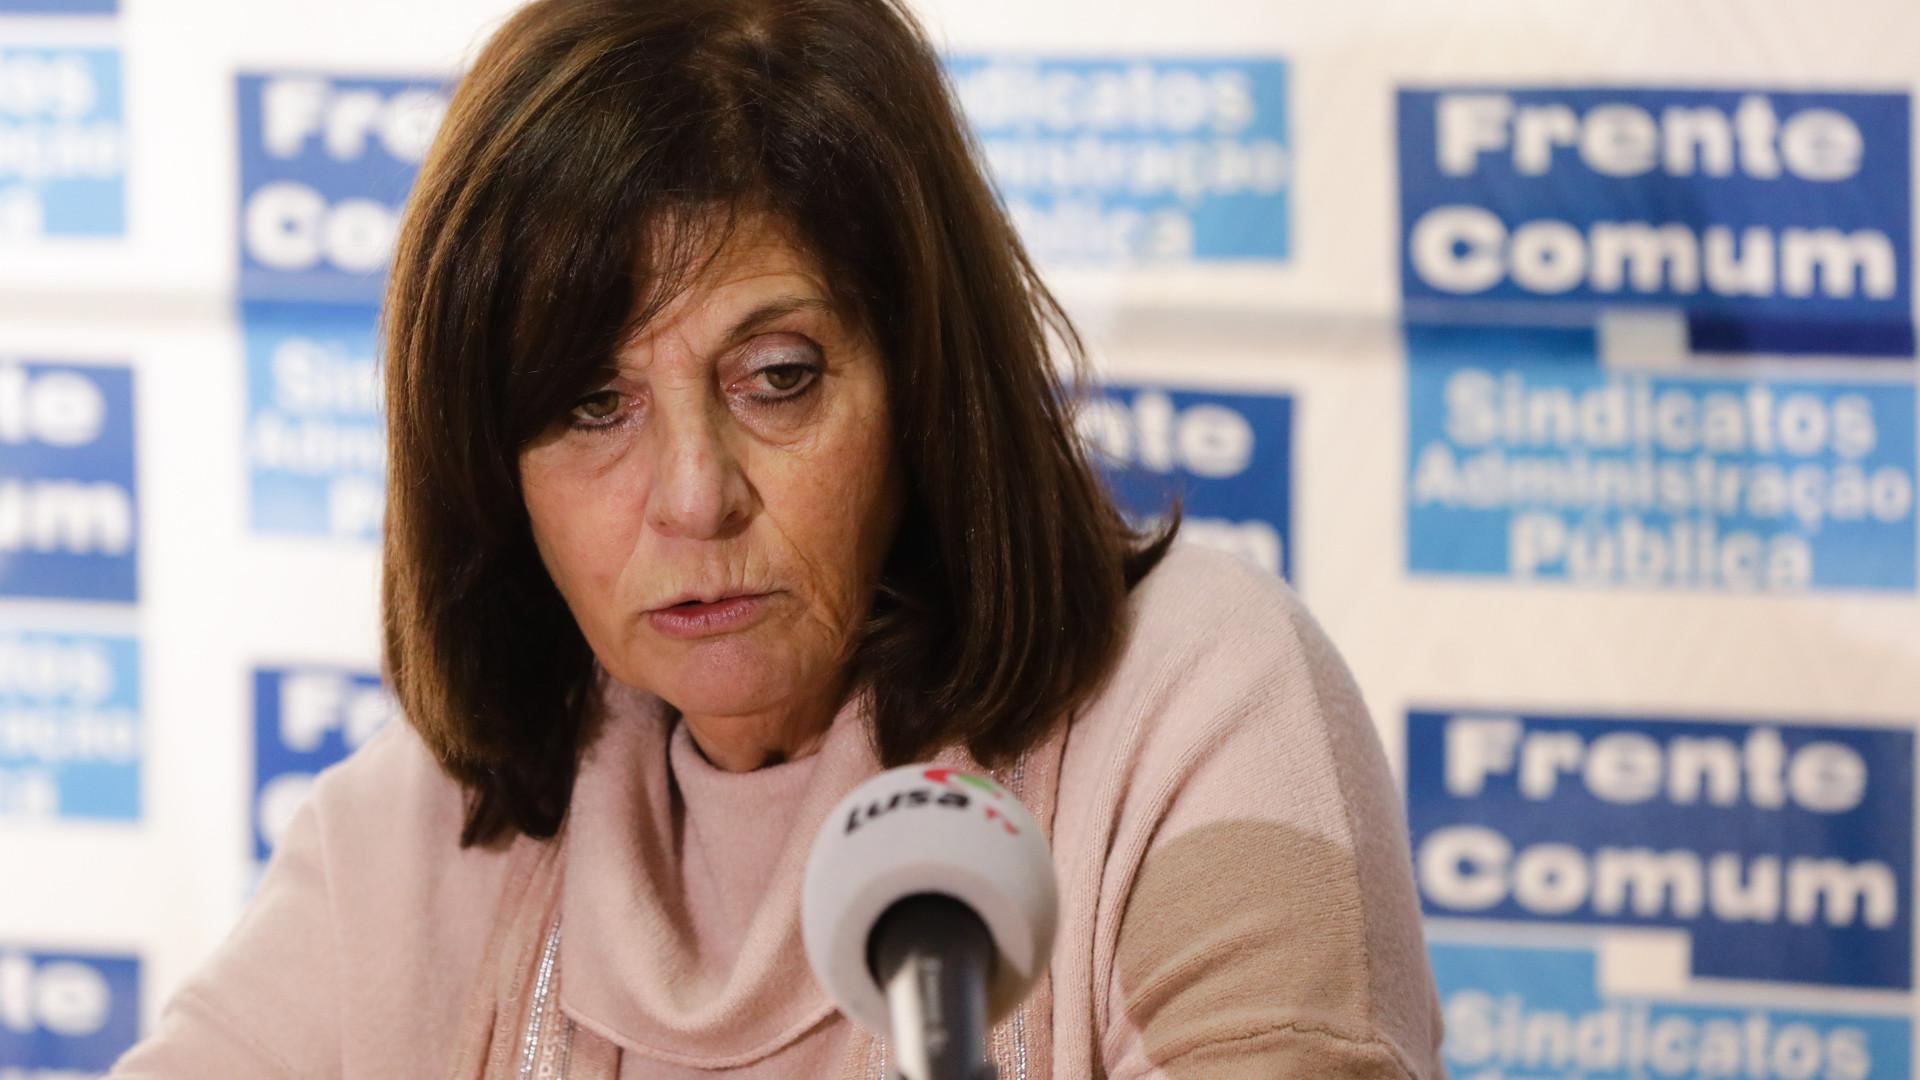 Frente Comum acusa Governo de violar lei no escalão salarial mais baixo